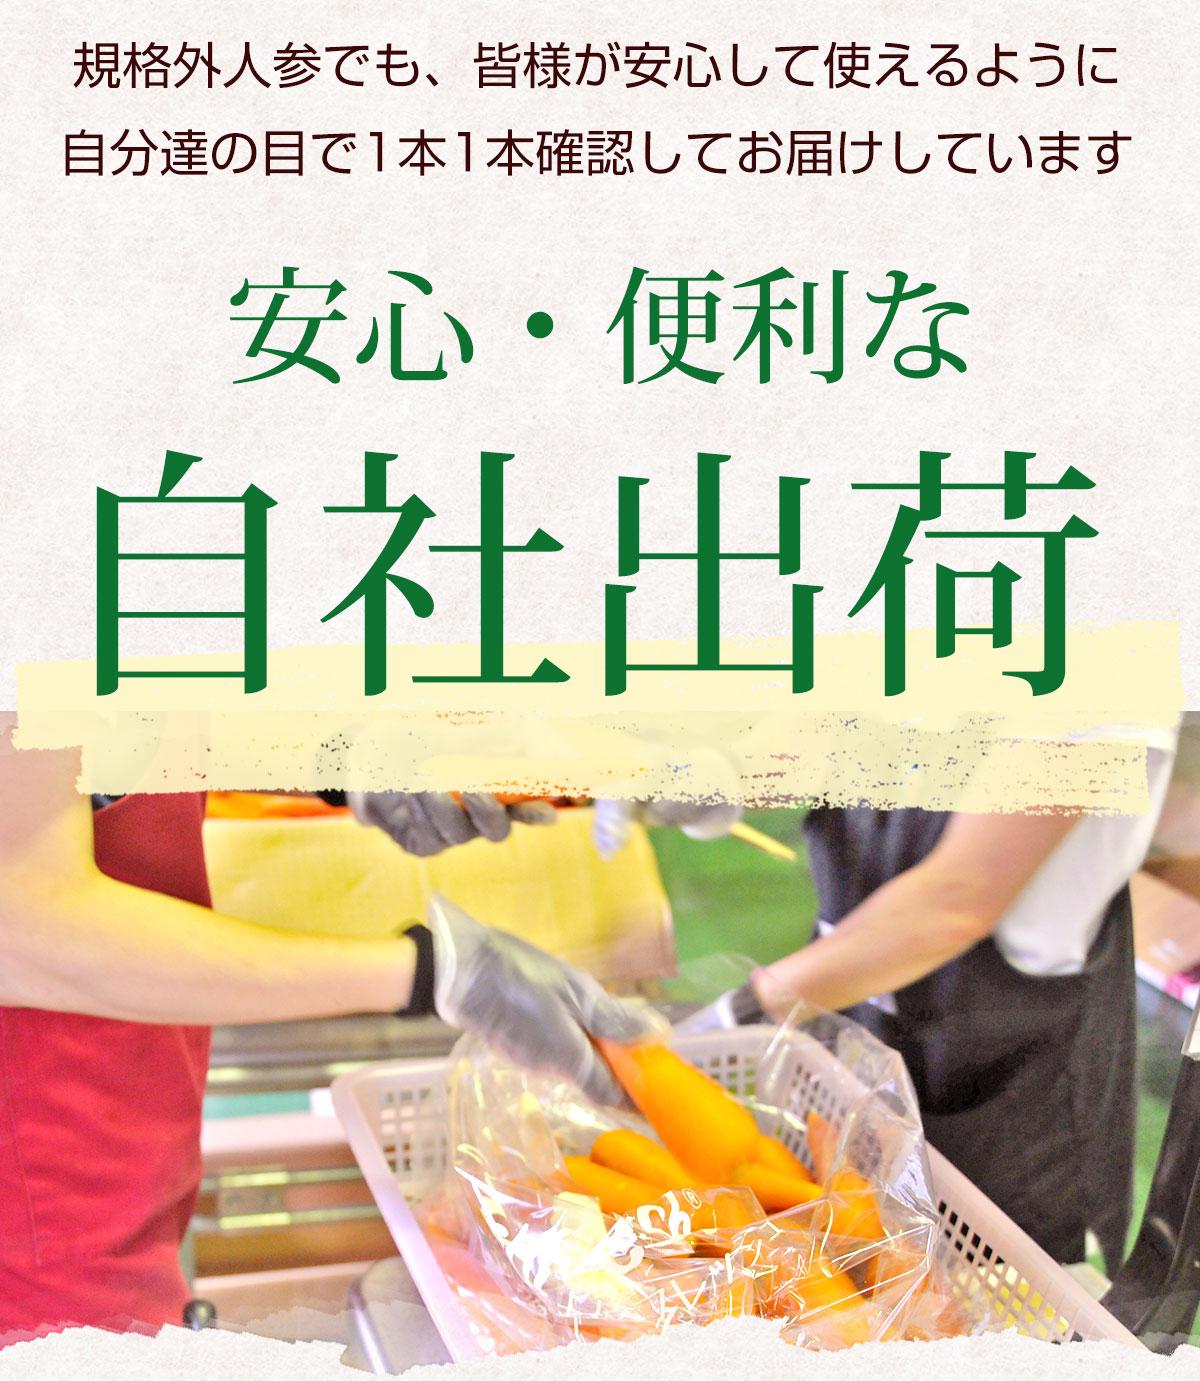 無農薬にんじん 7kg 【送料無料】 【訳あり】 【無農薬栽培】 【にんじんジュース】